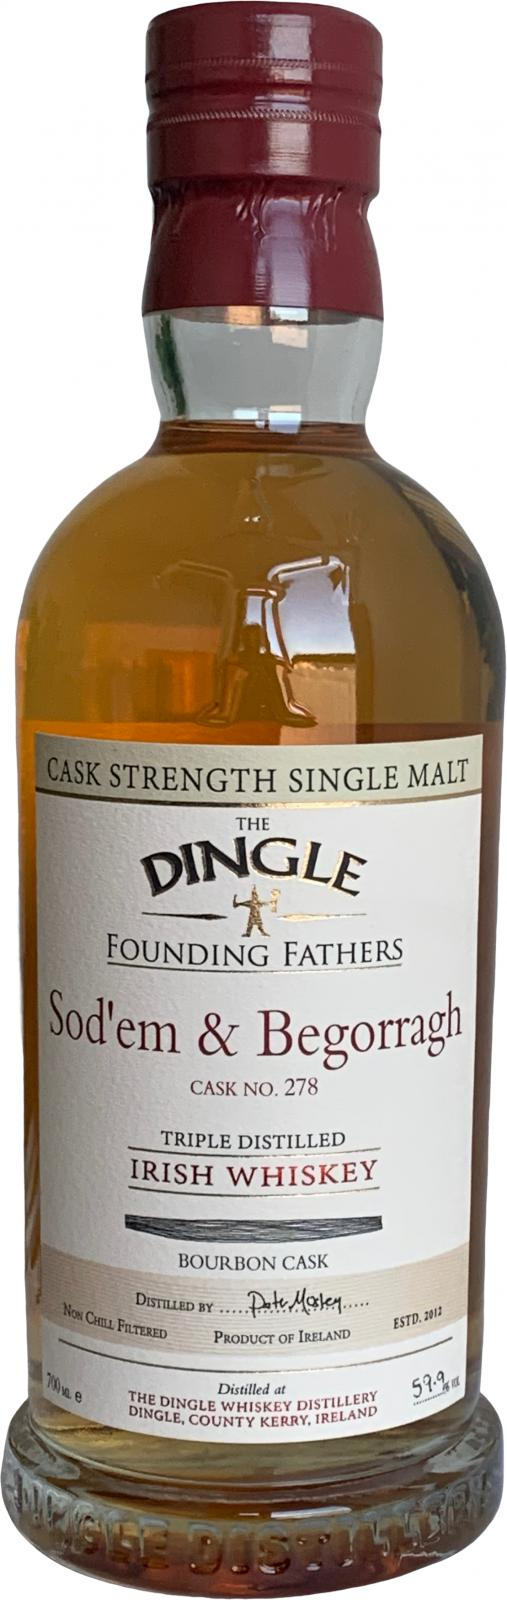 Dingle Sod'em & Begorragh